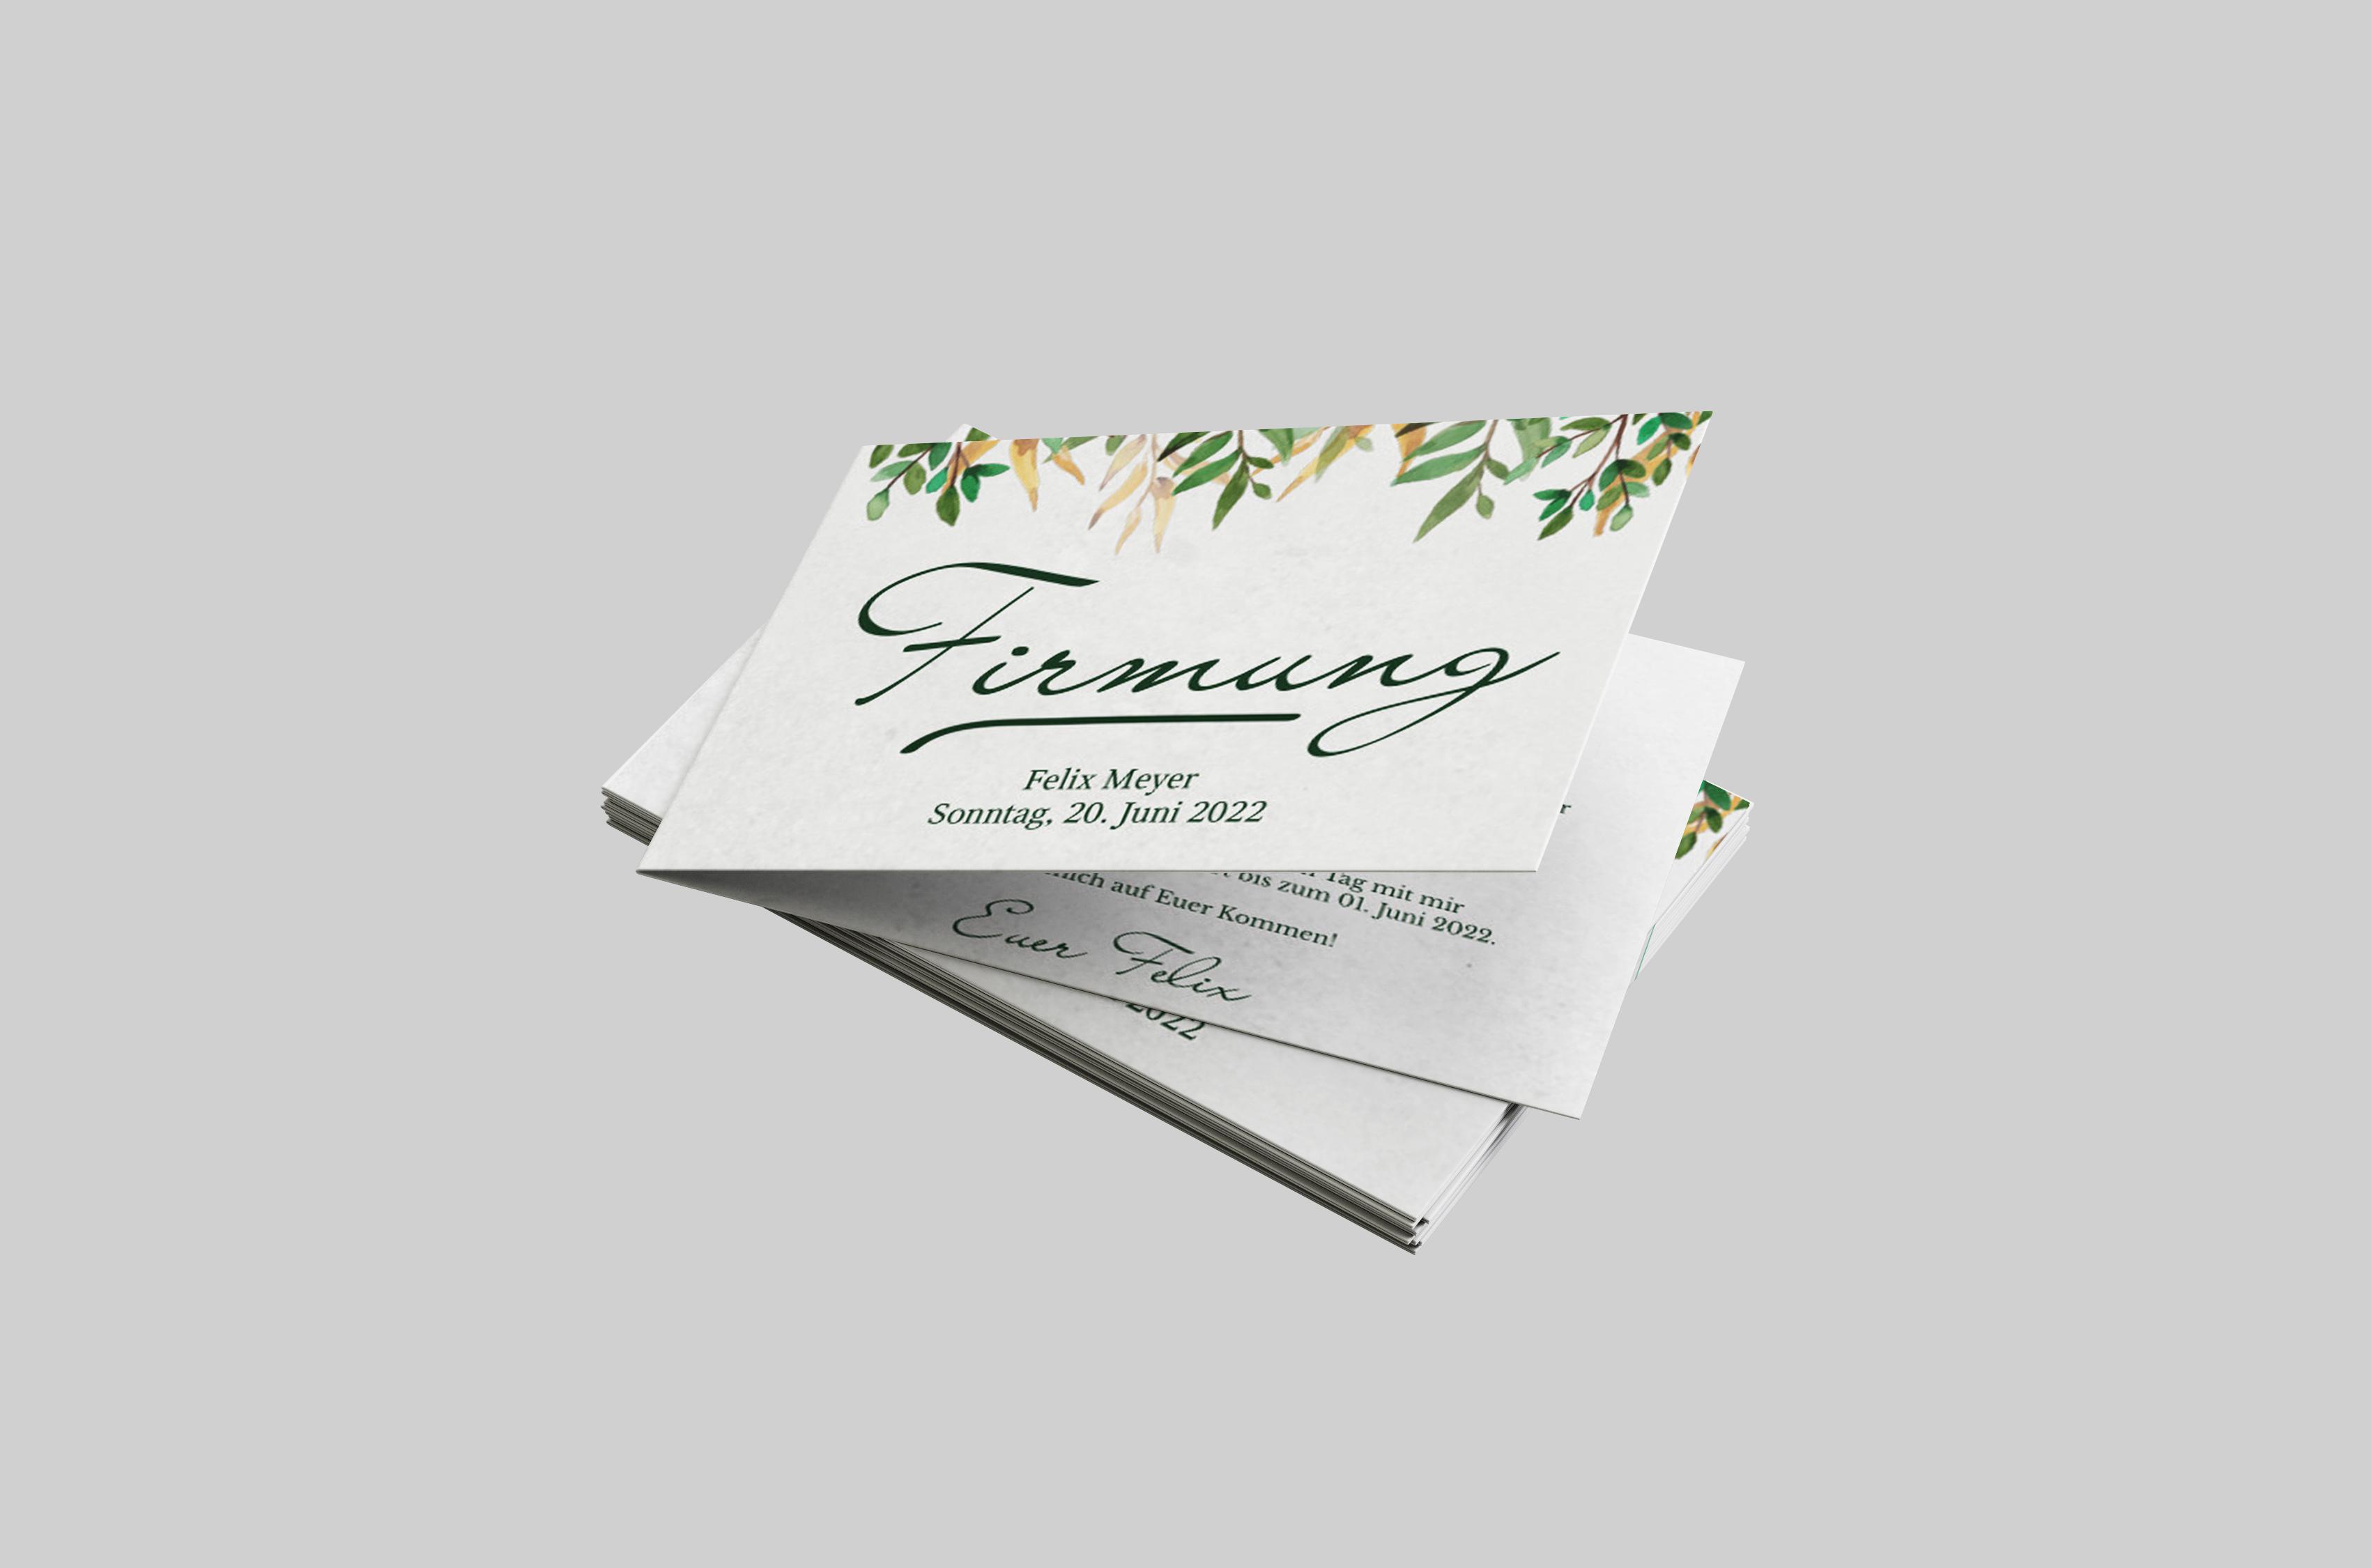 Einladungskarte Firmung Blätter Aquarell